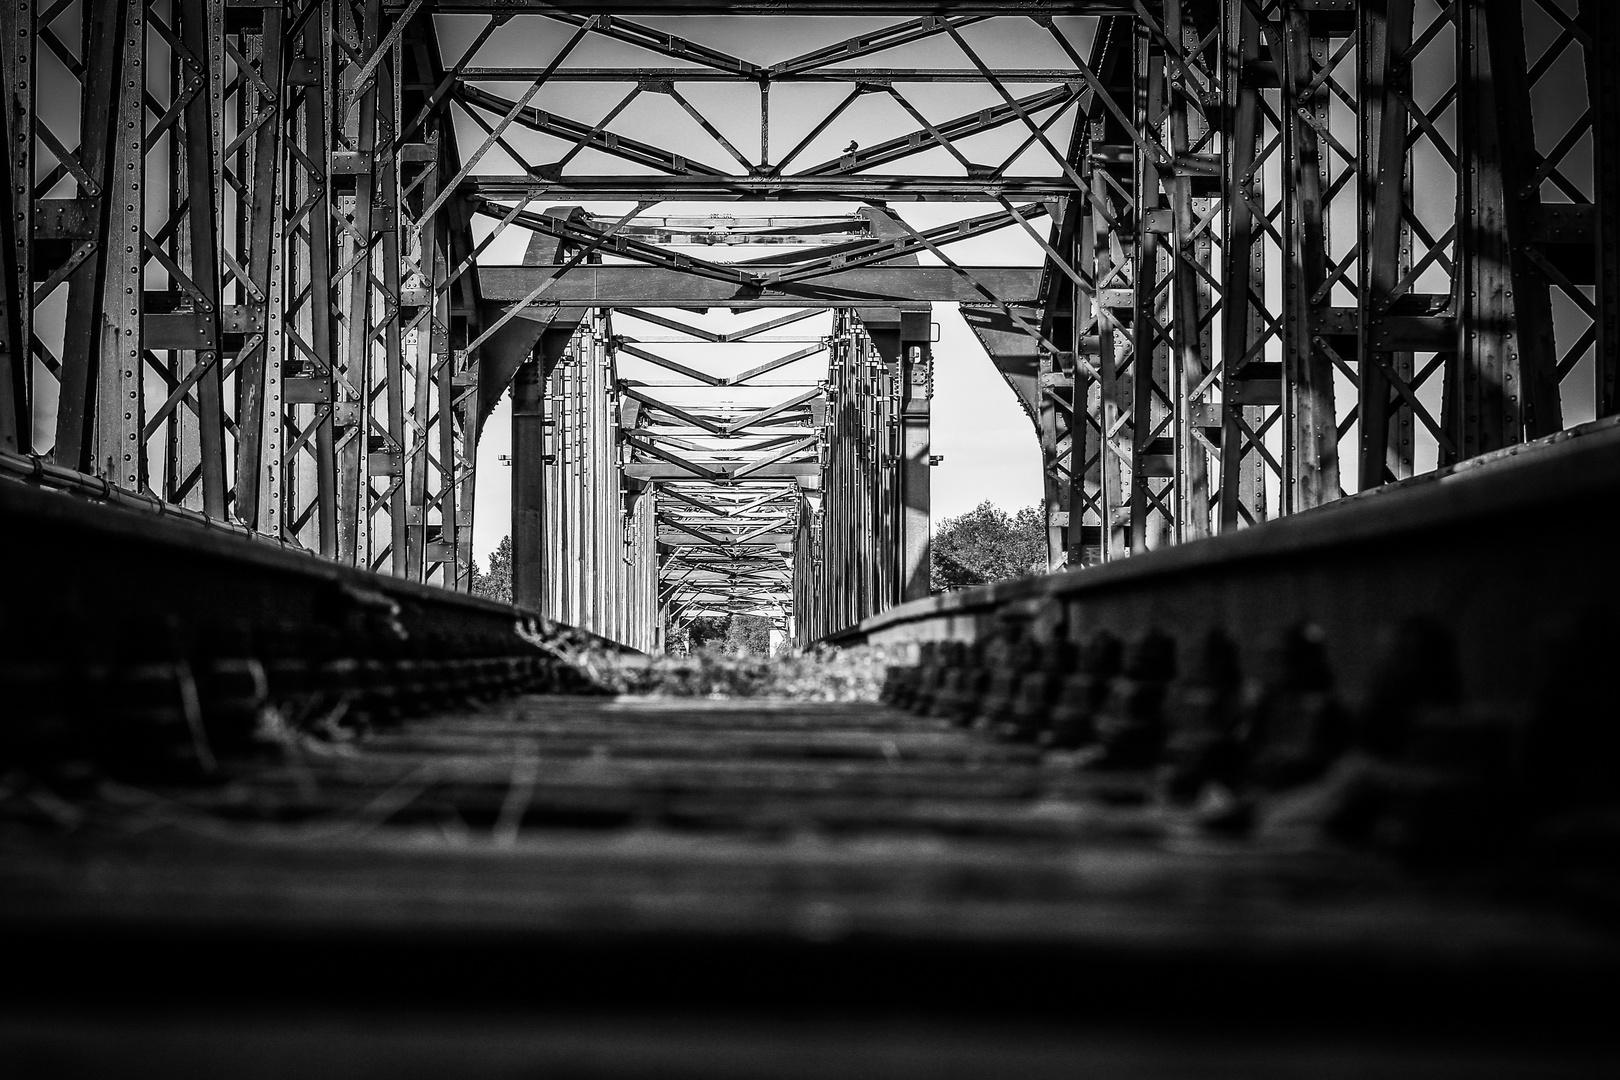 Elbebrücke Barby